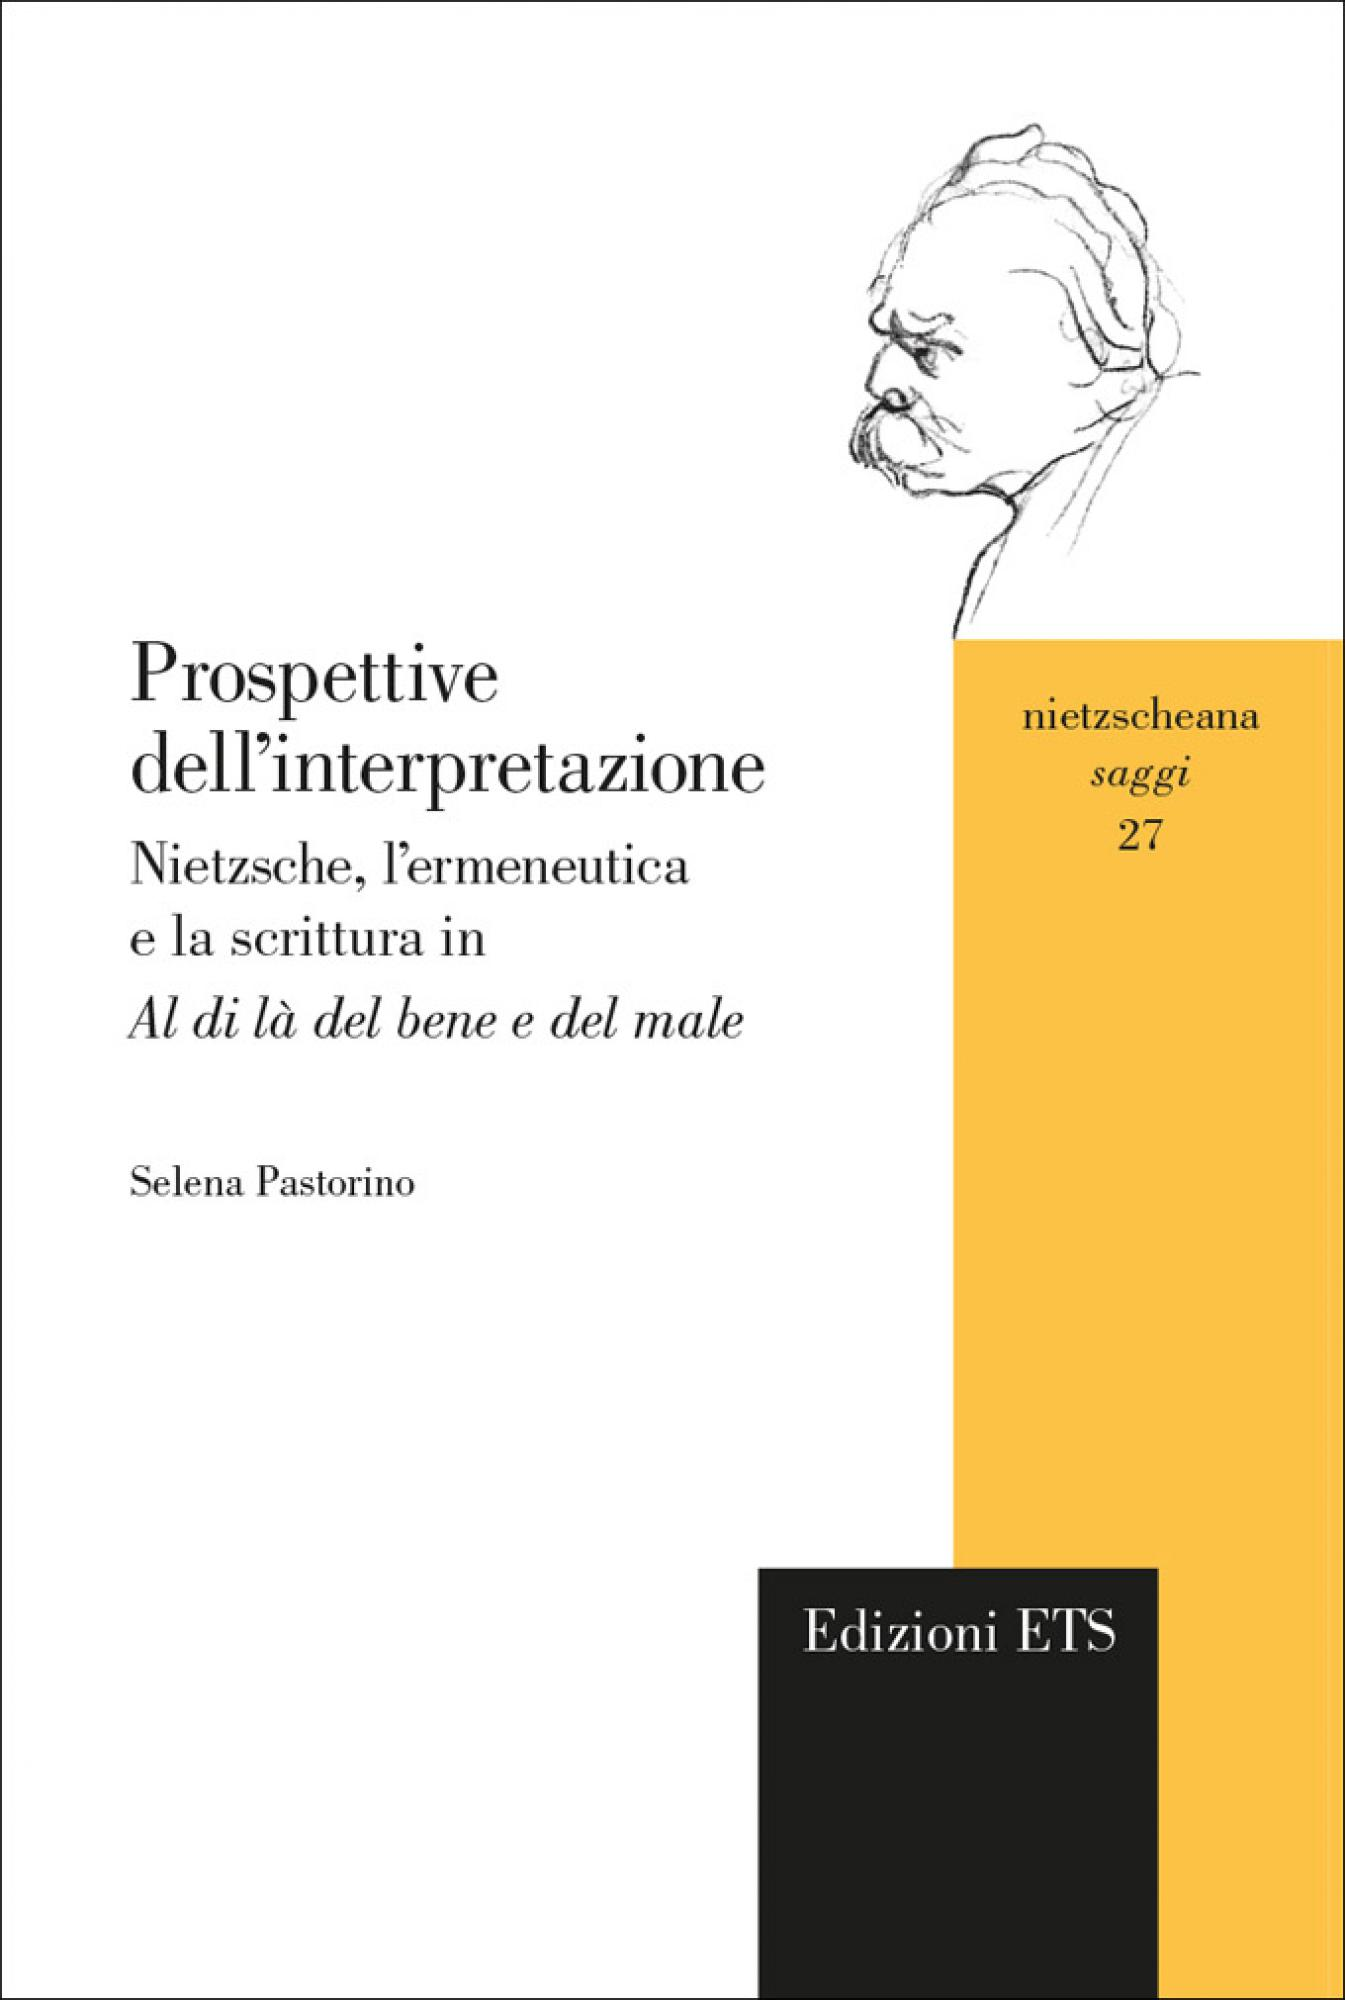 Prospettive dell'interpretazione.Nietzsche, l'ermeneutica e la scrittura in <em>Al di là del bene e del male</em>